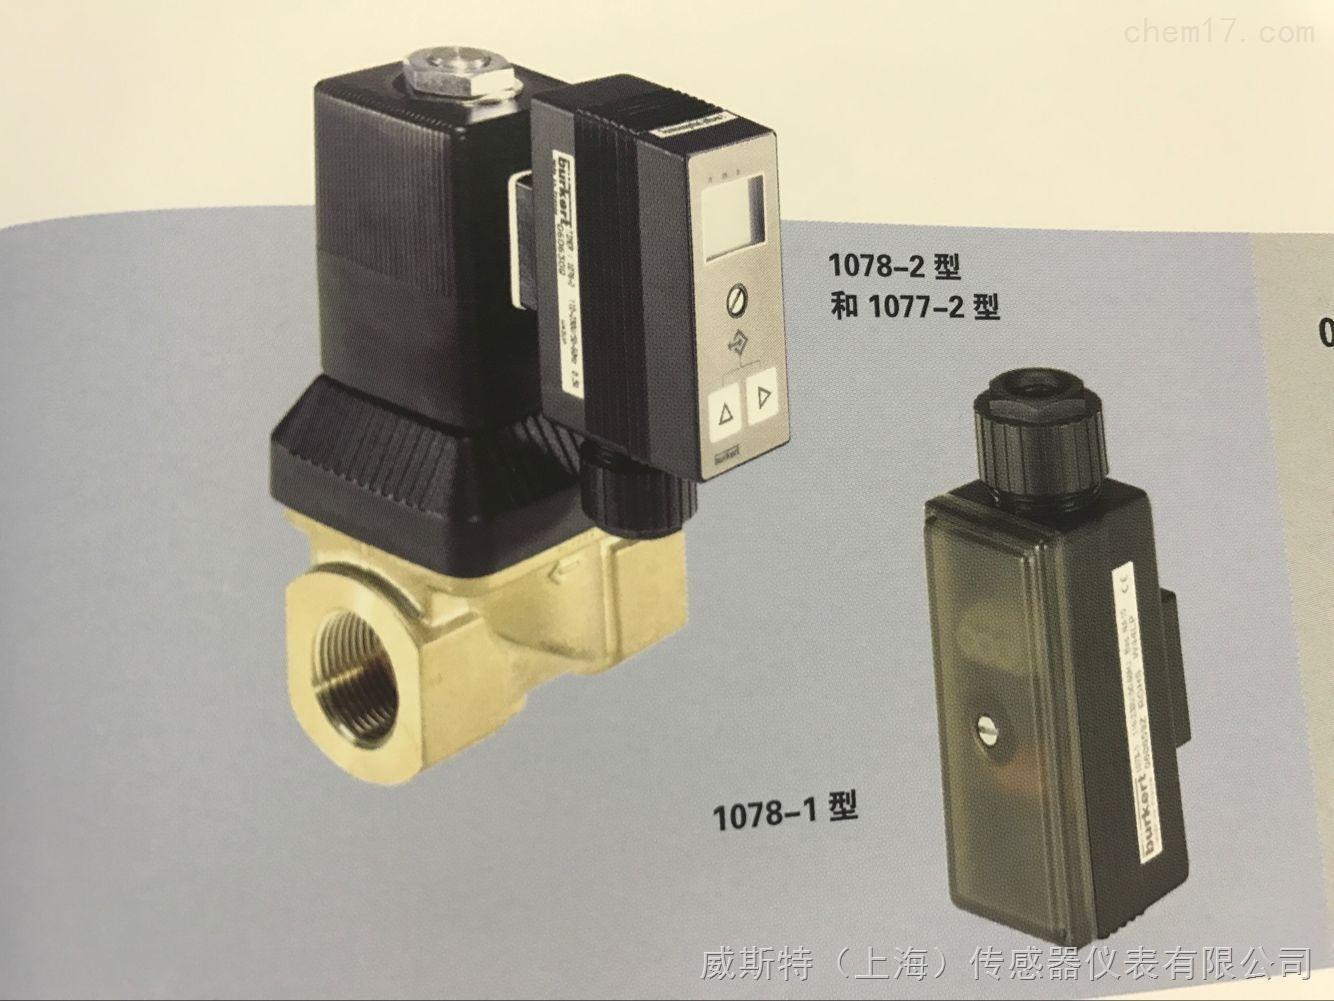 德国Burkert1078-1型电磁阀定时器现货特卖